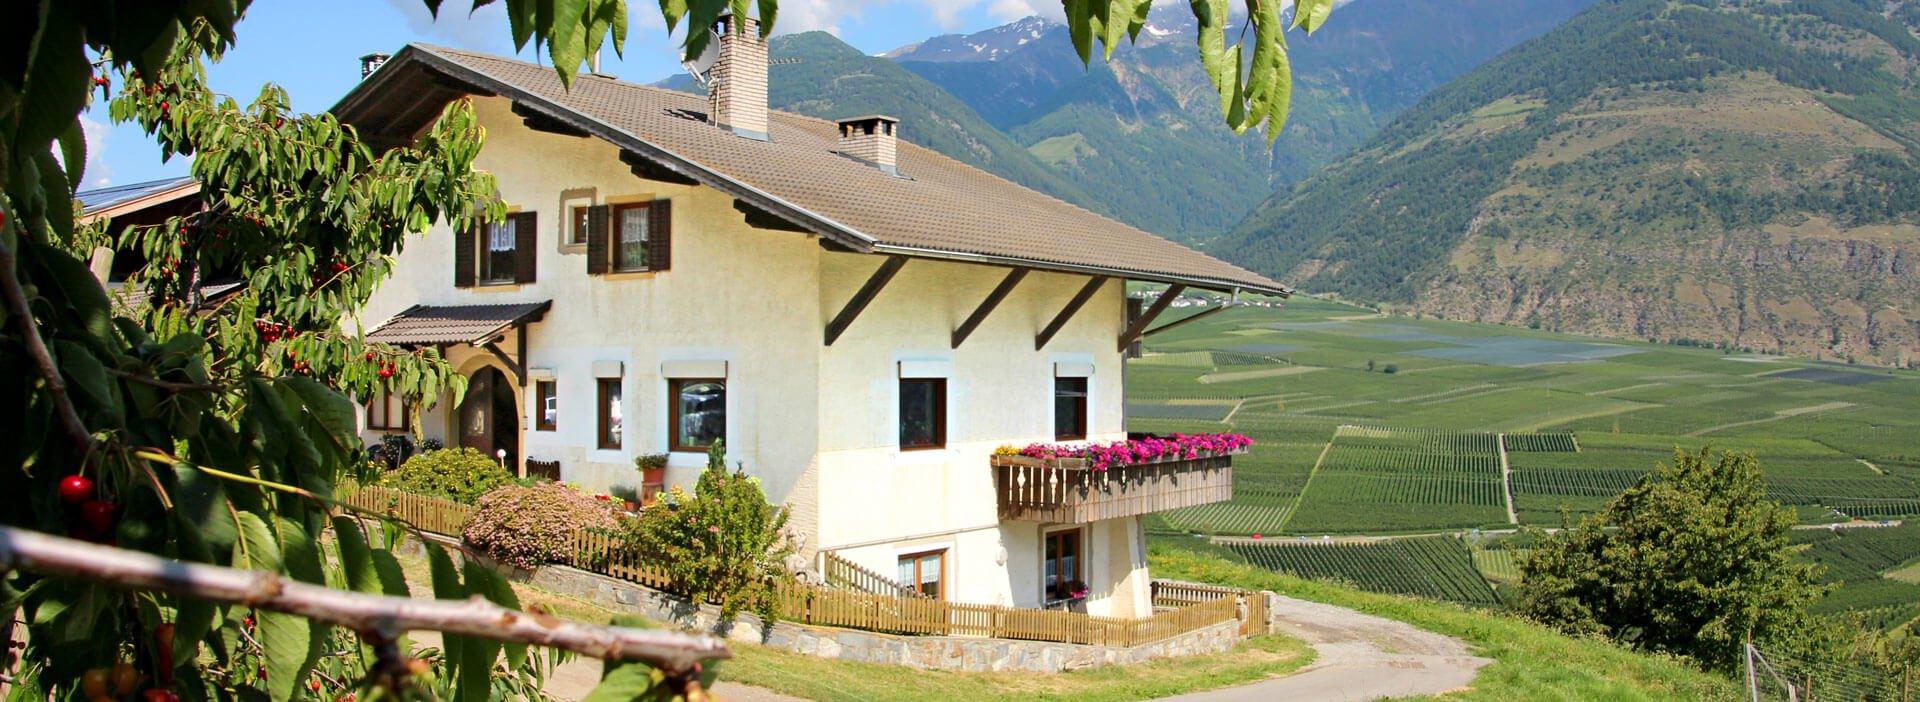 wieshof-schlanders-vinschgau-01